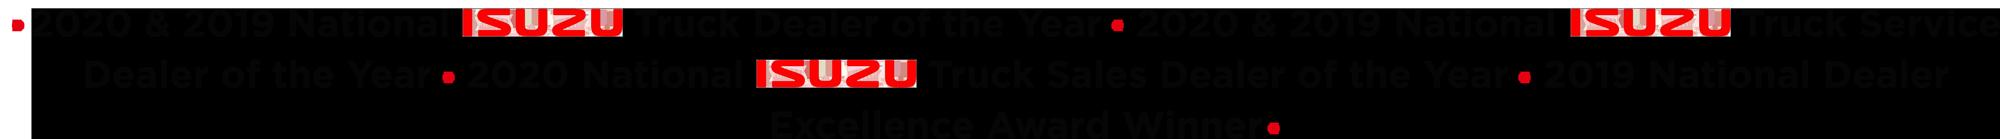 2020 & 2019 National Truck Dealer of the Year 2020 & 2019 National Truck Service Dealer of the Year 2020 National Truck Sales Dealer of the Year 2019 National Dealer Excellence Award Winner